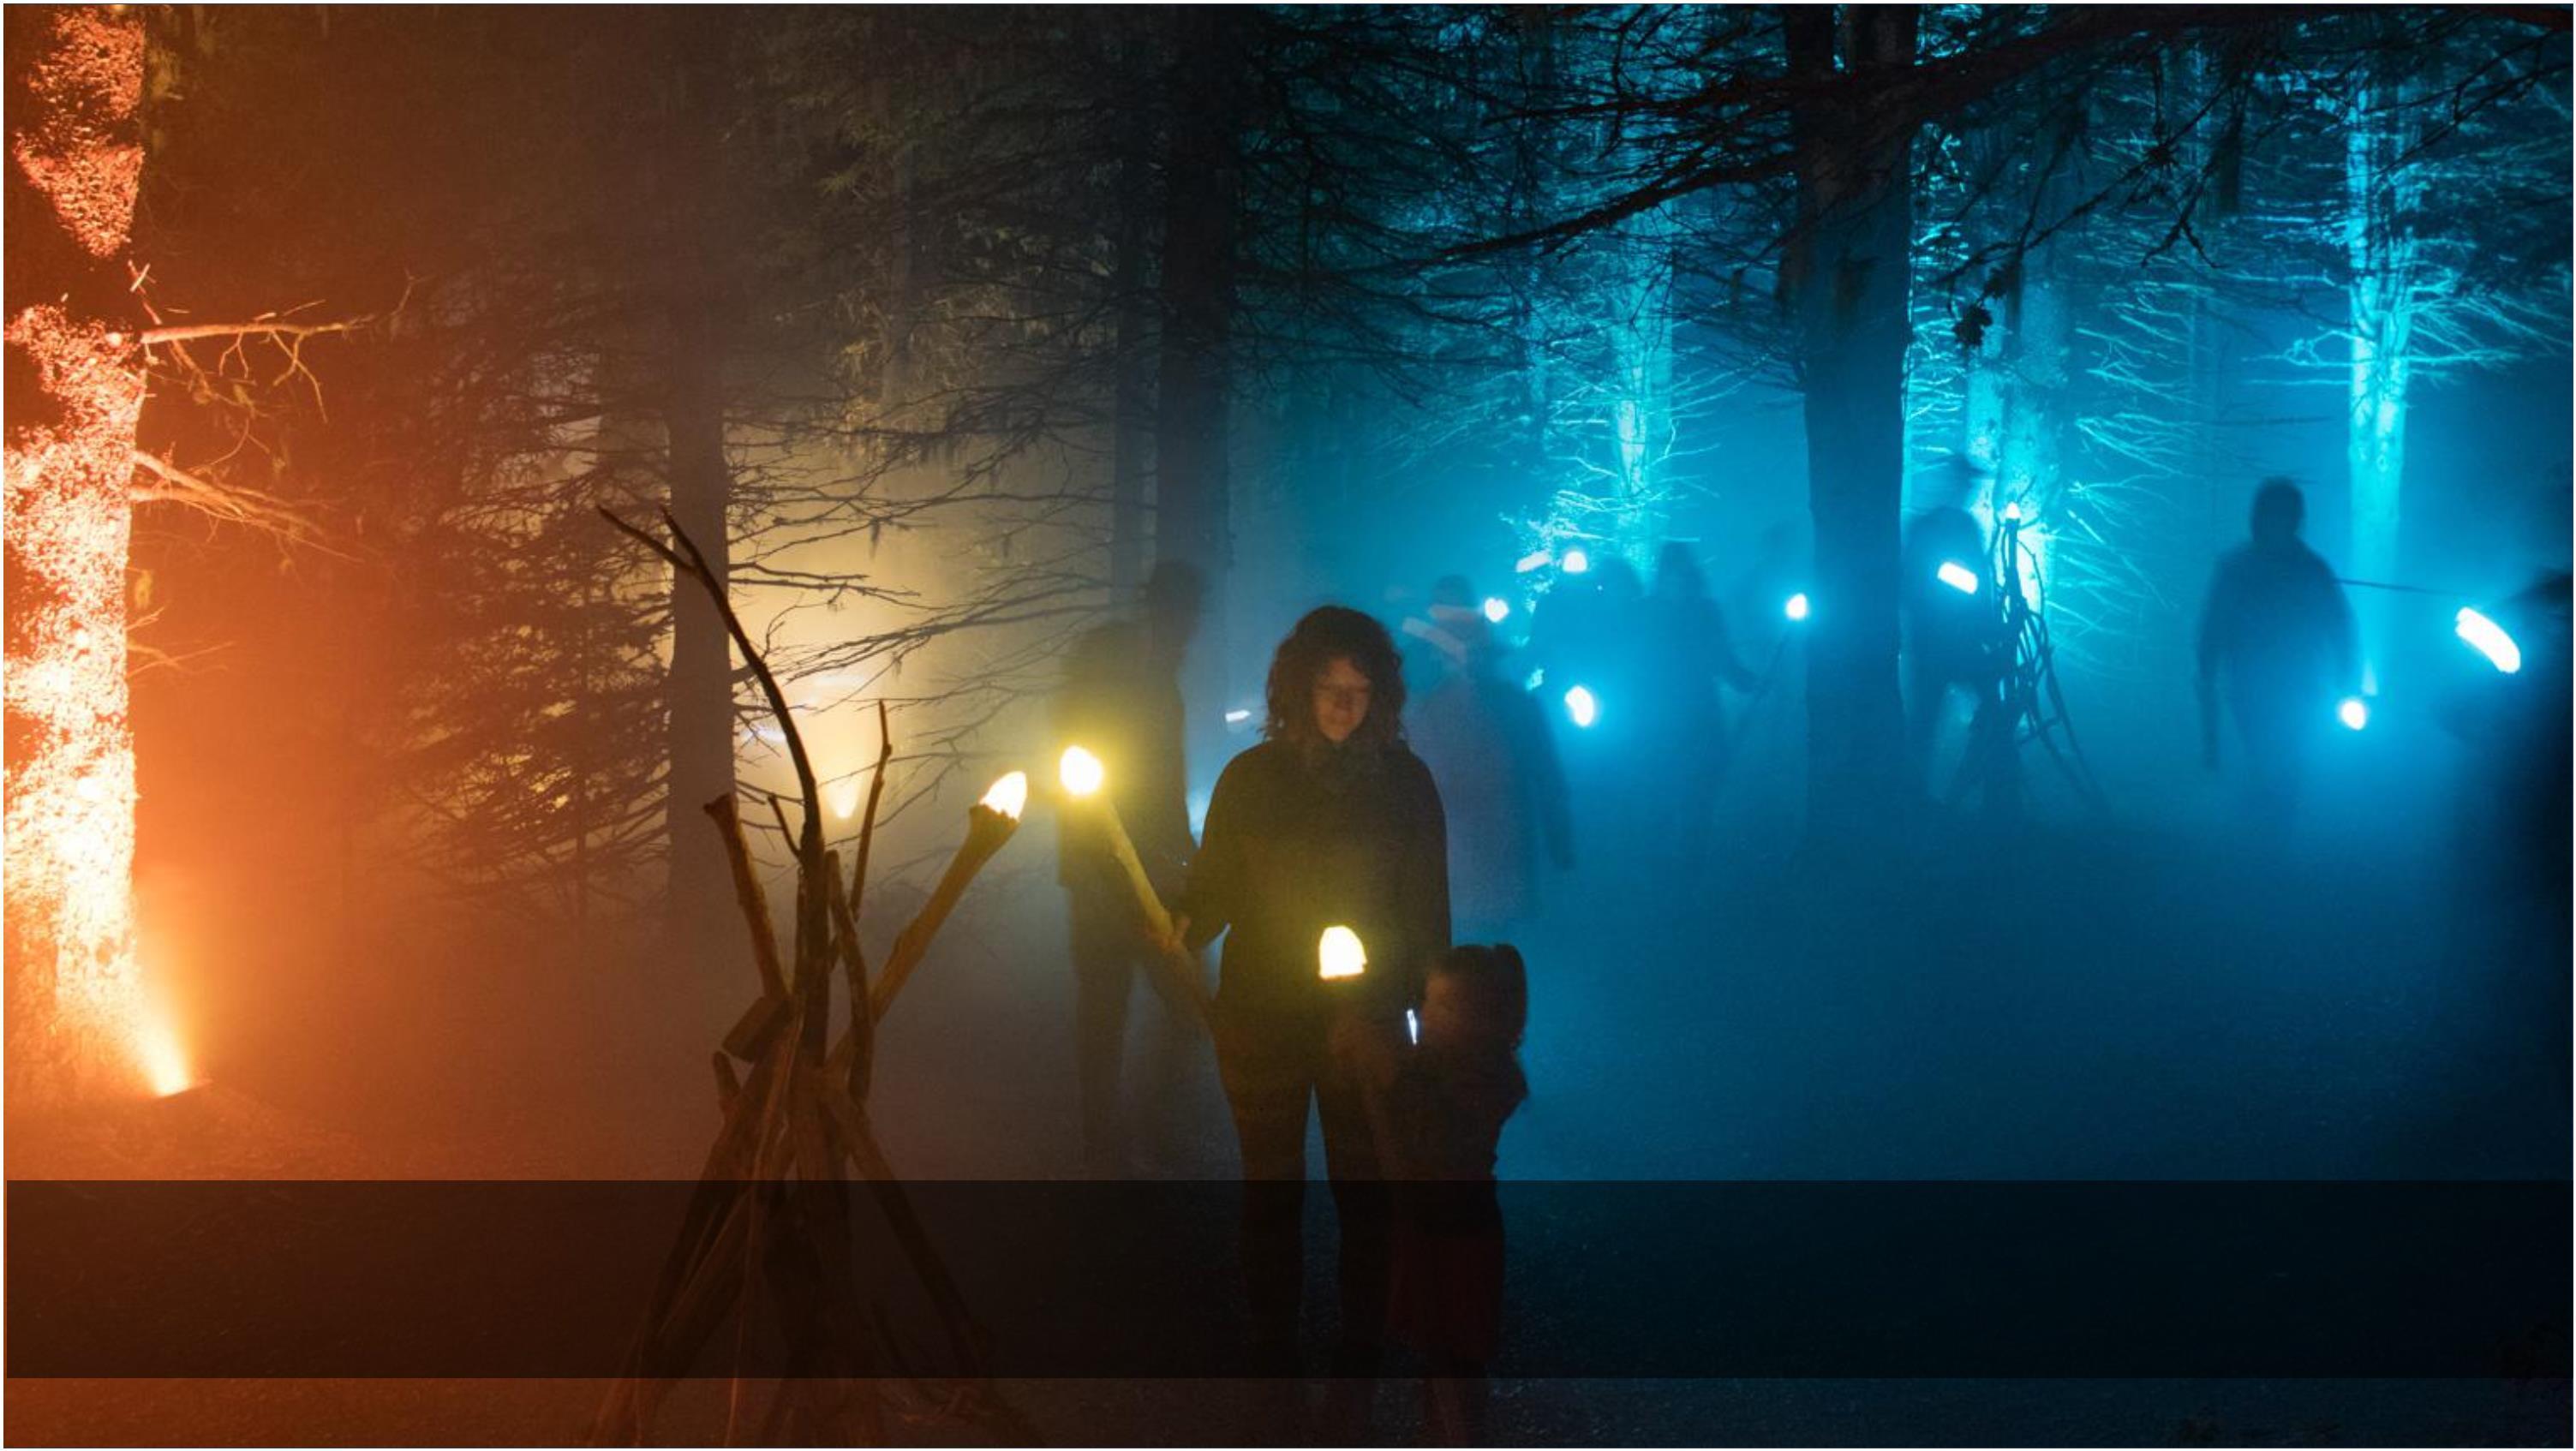 文旅夜游照明设计公司